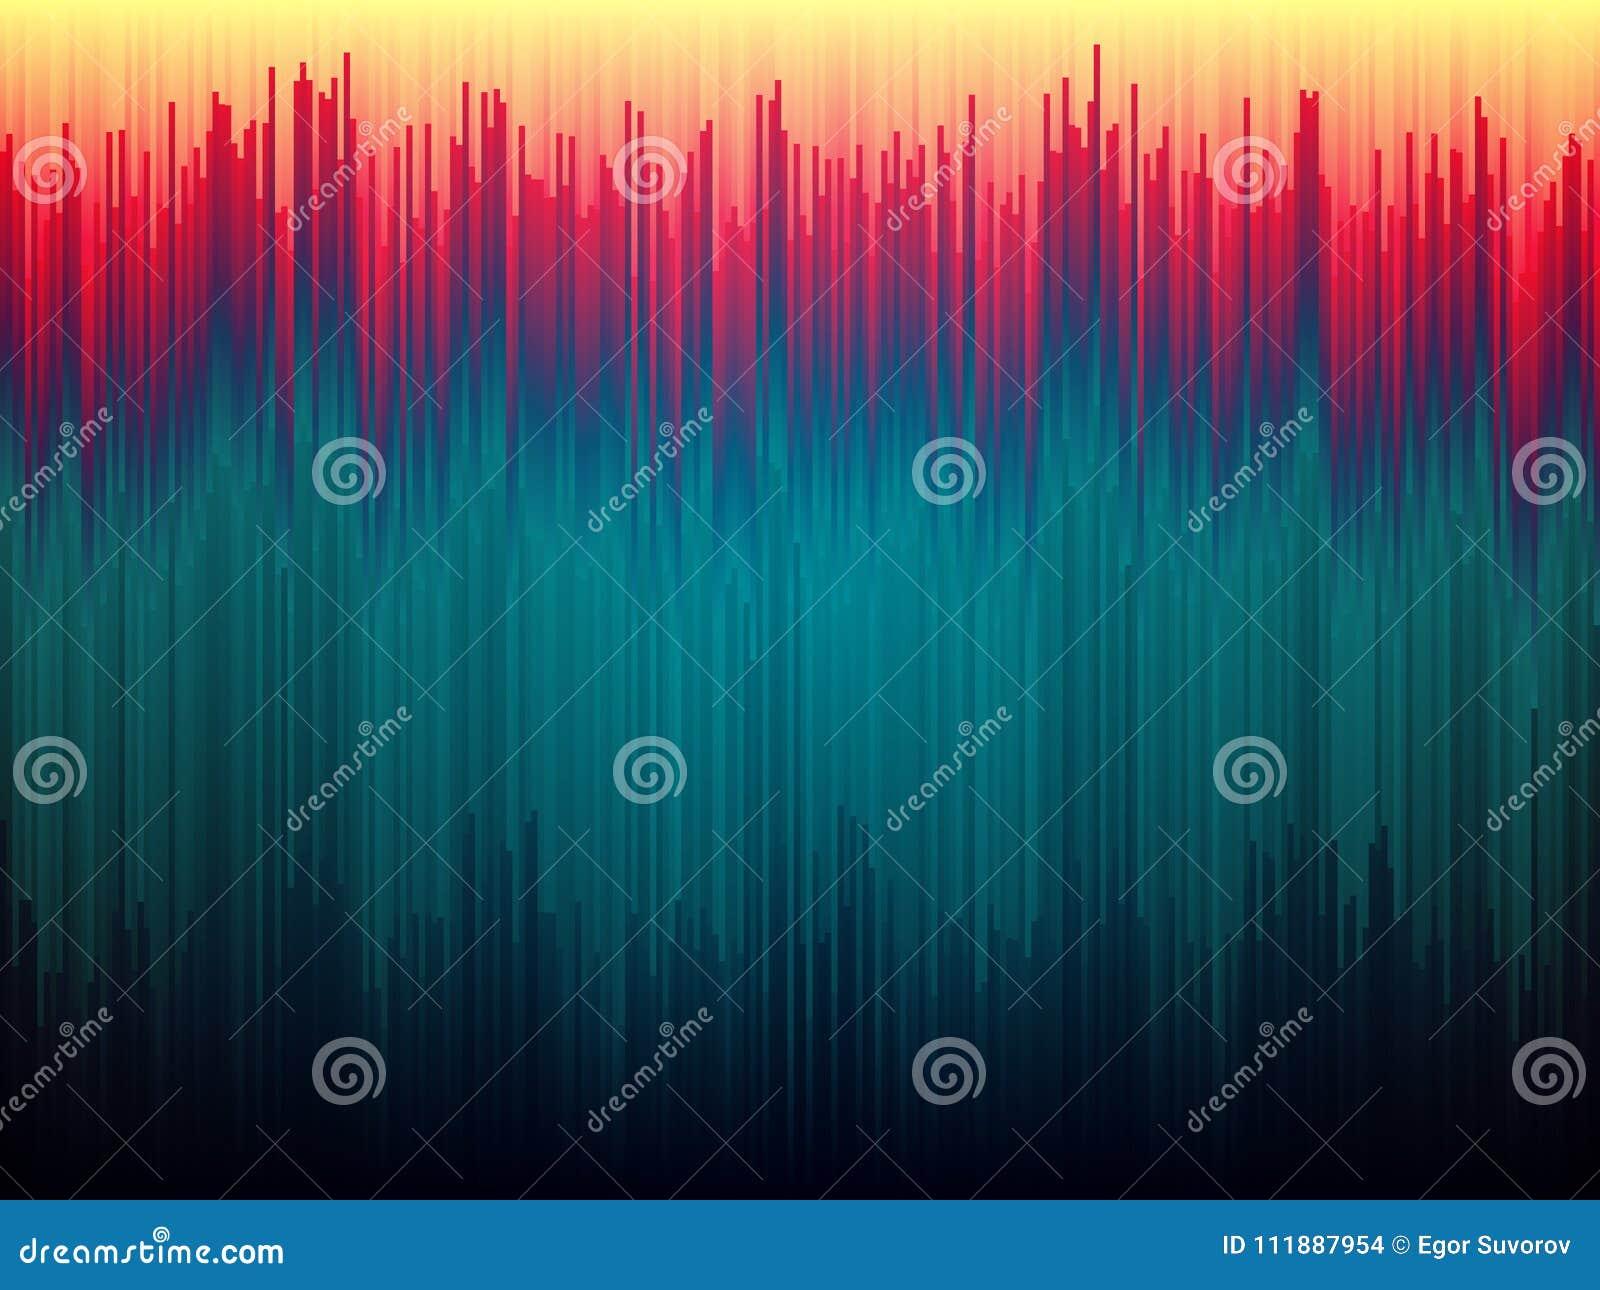 Fondo de la interferencia Distorsión de los datos de imagen Líneas abstractas concepto del color Rayas verticales de Glitched For